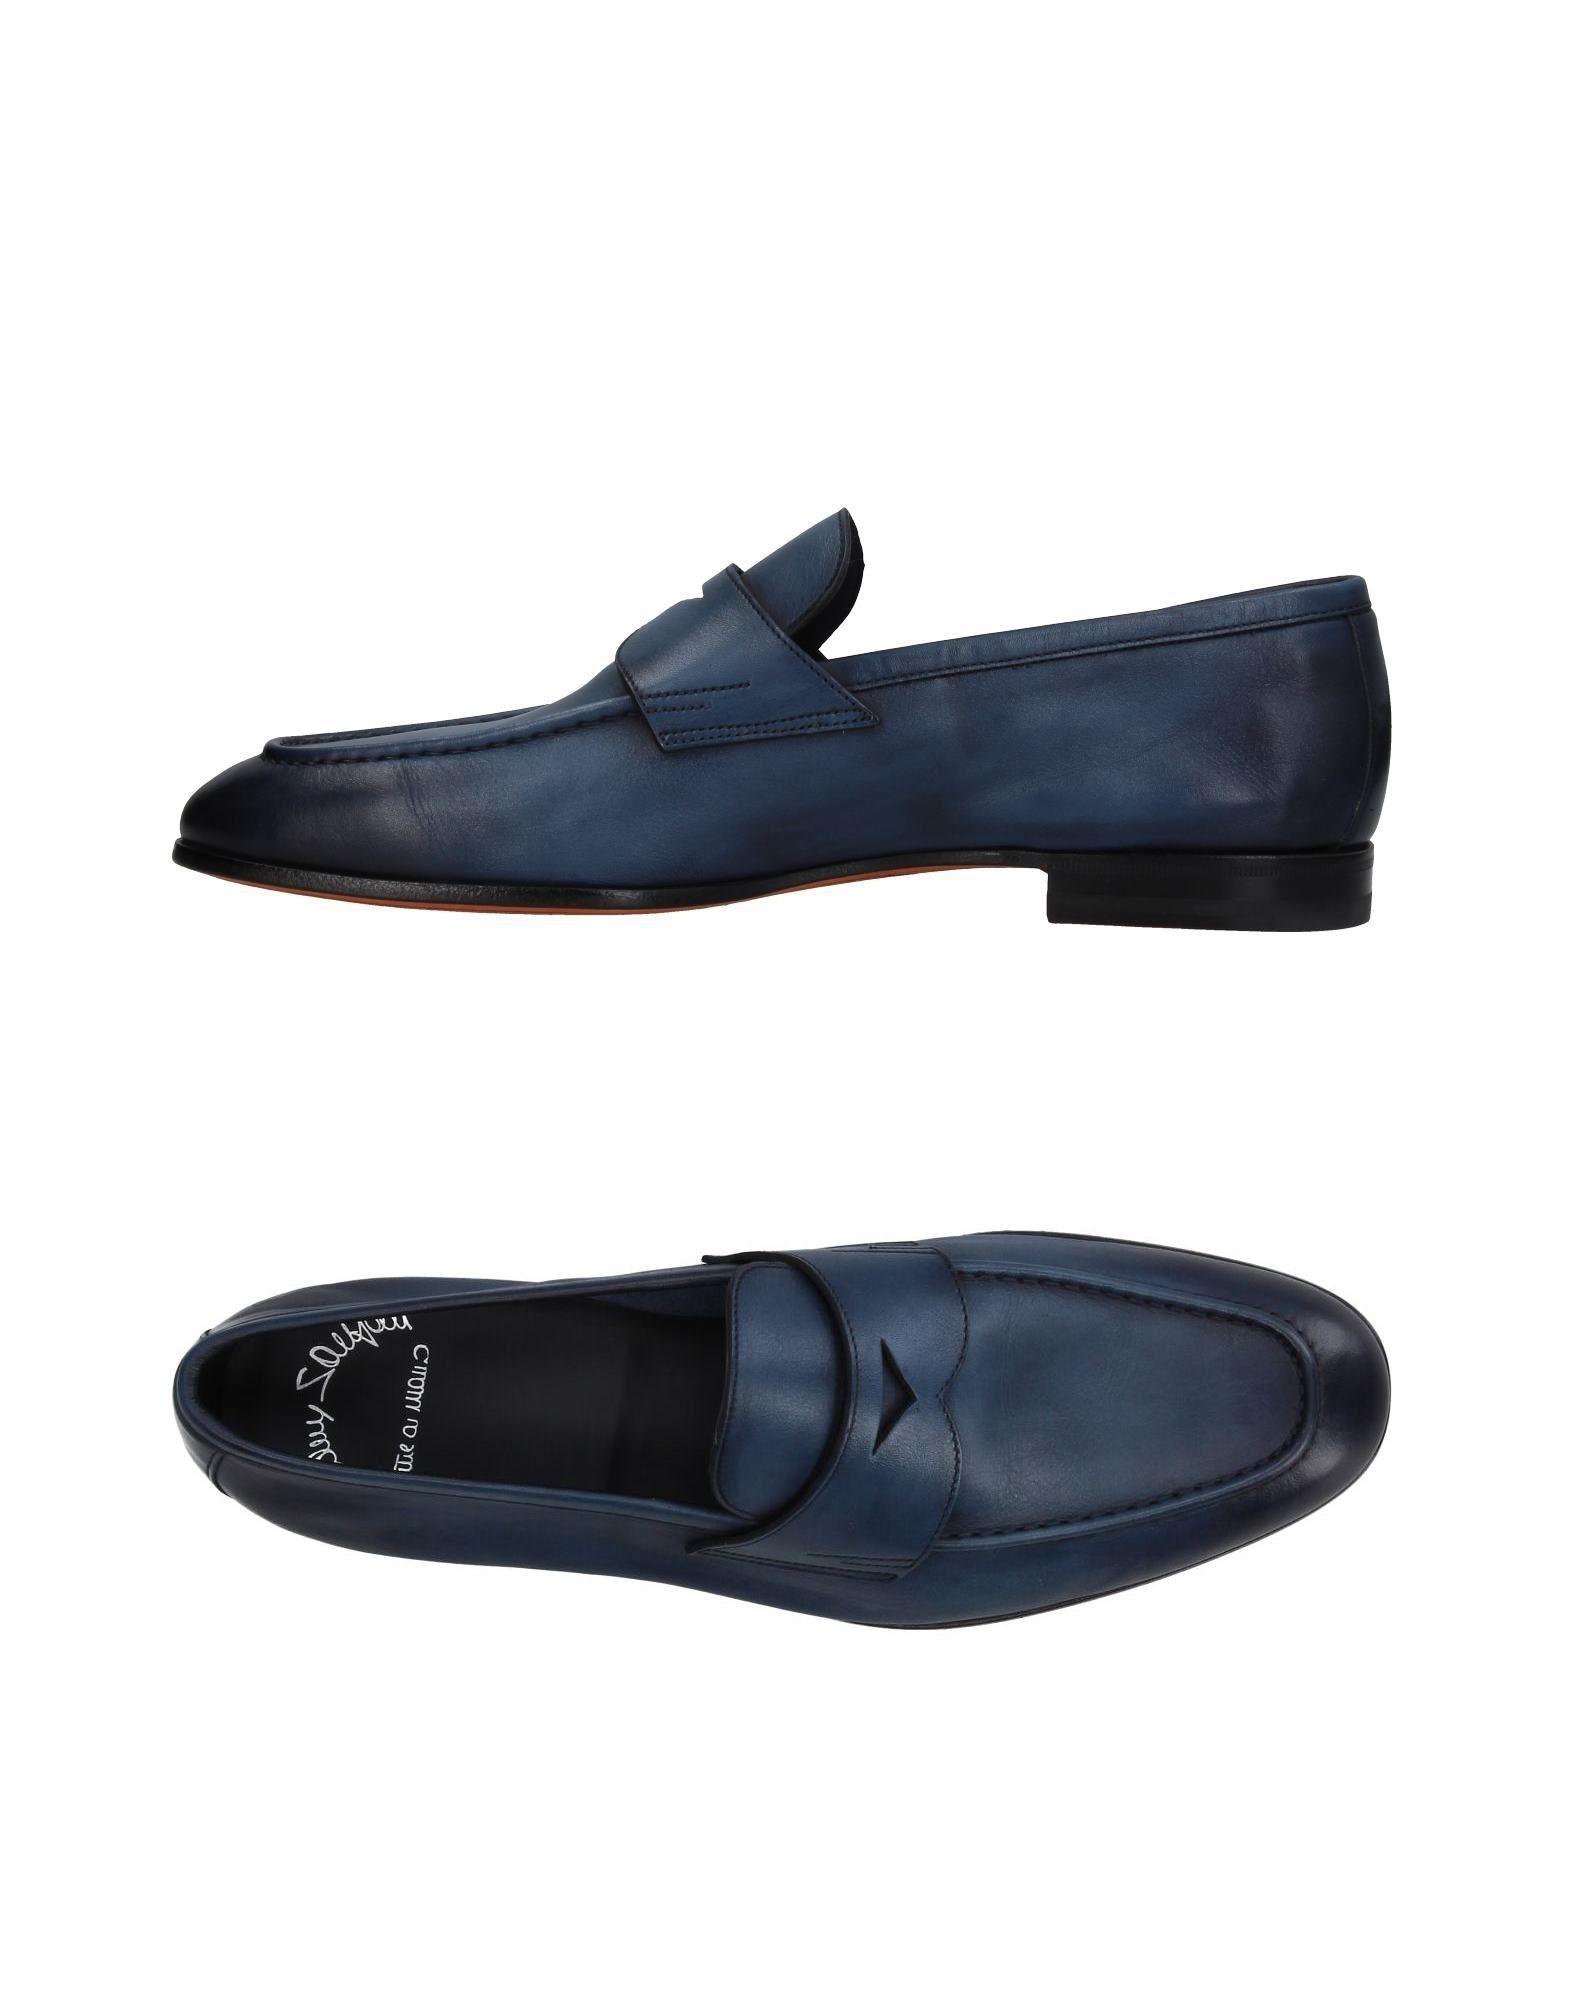 Santoni Mokassins Heiße Herren  11409556ST Heiße Mokassins Schuhe 212653